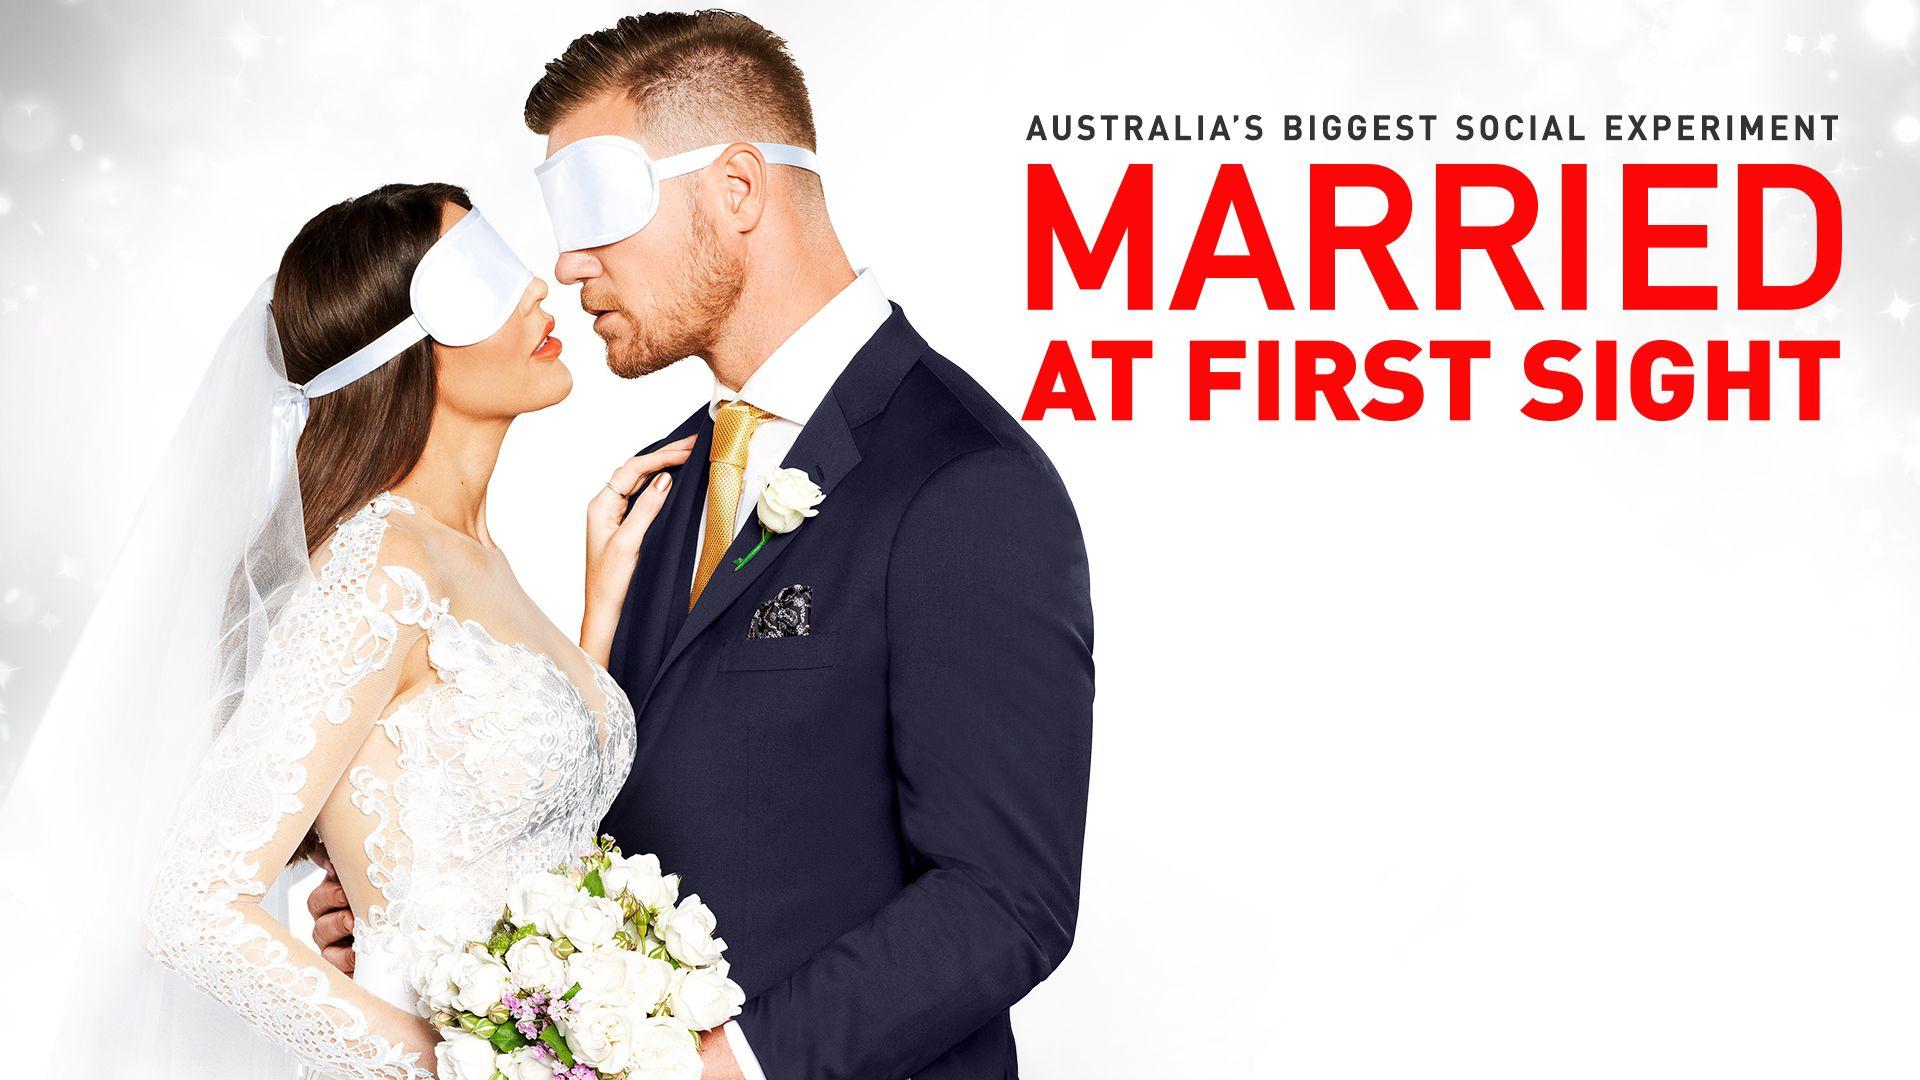 科学的マッチングの限界 married at first sight 30代の結婚に